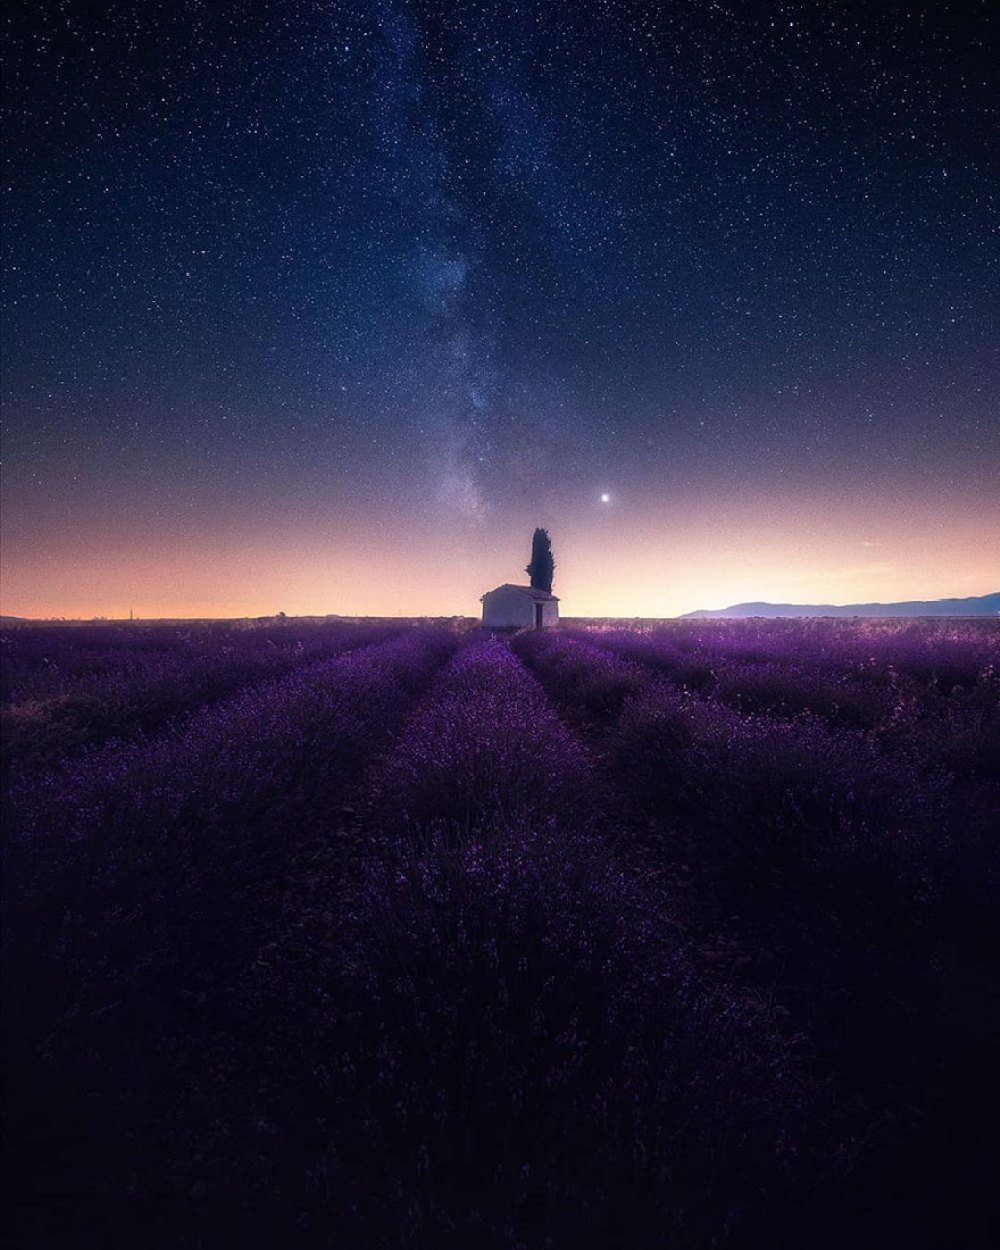 lavender-field-aerial-photography-samir-belhamra-5d5fa04d77da1__880